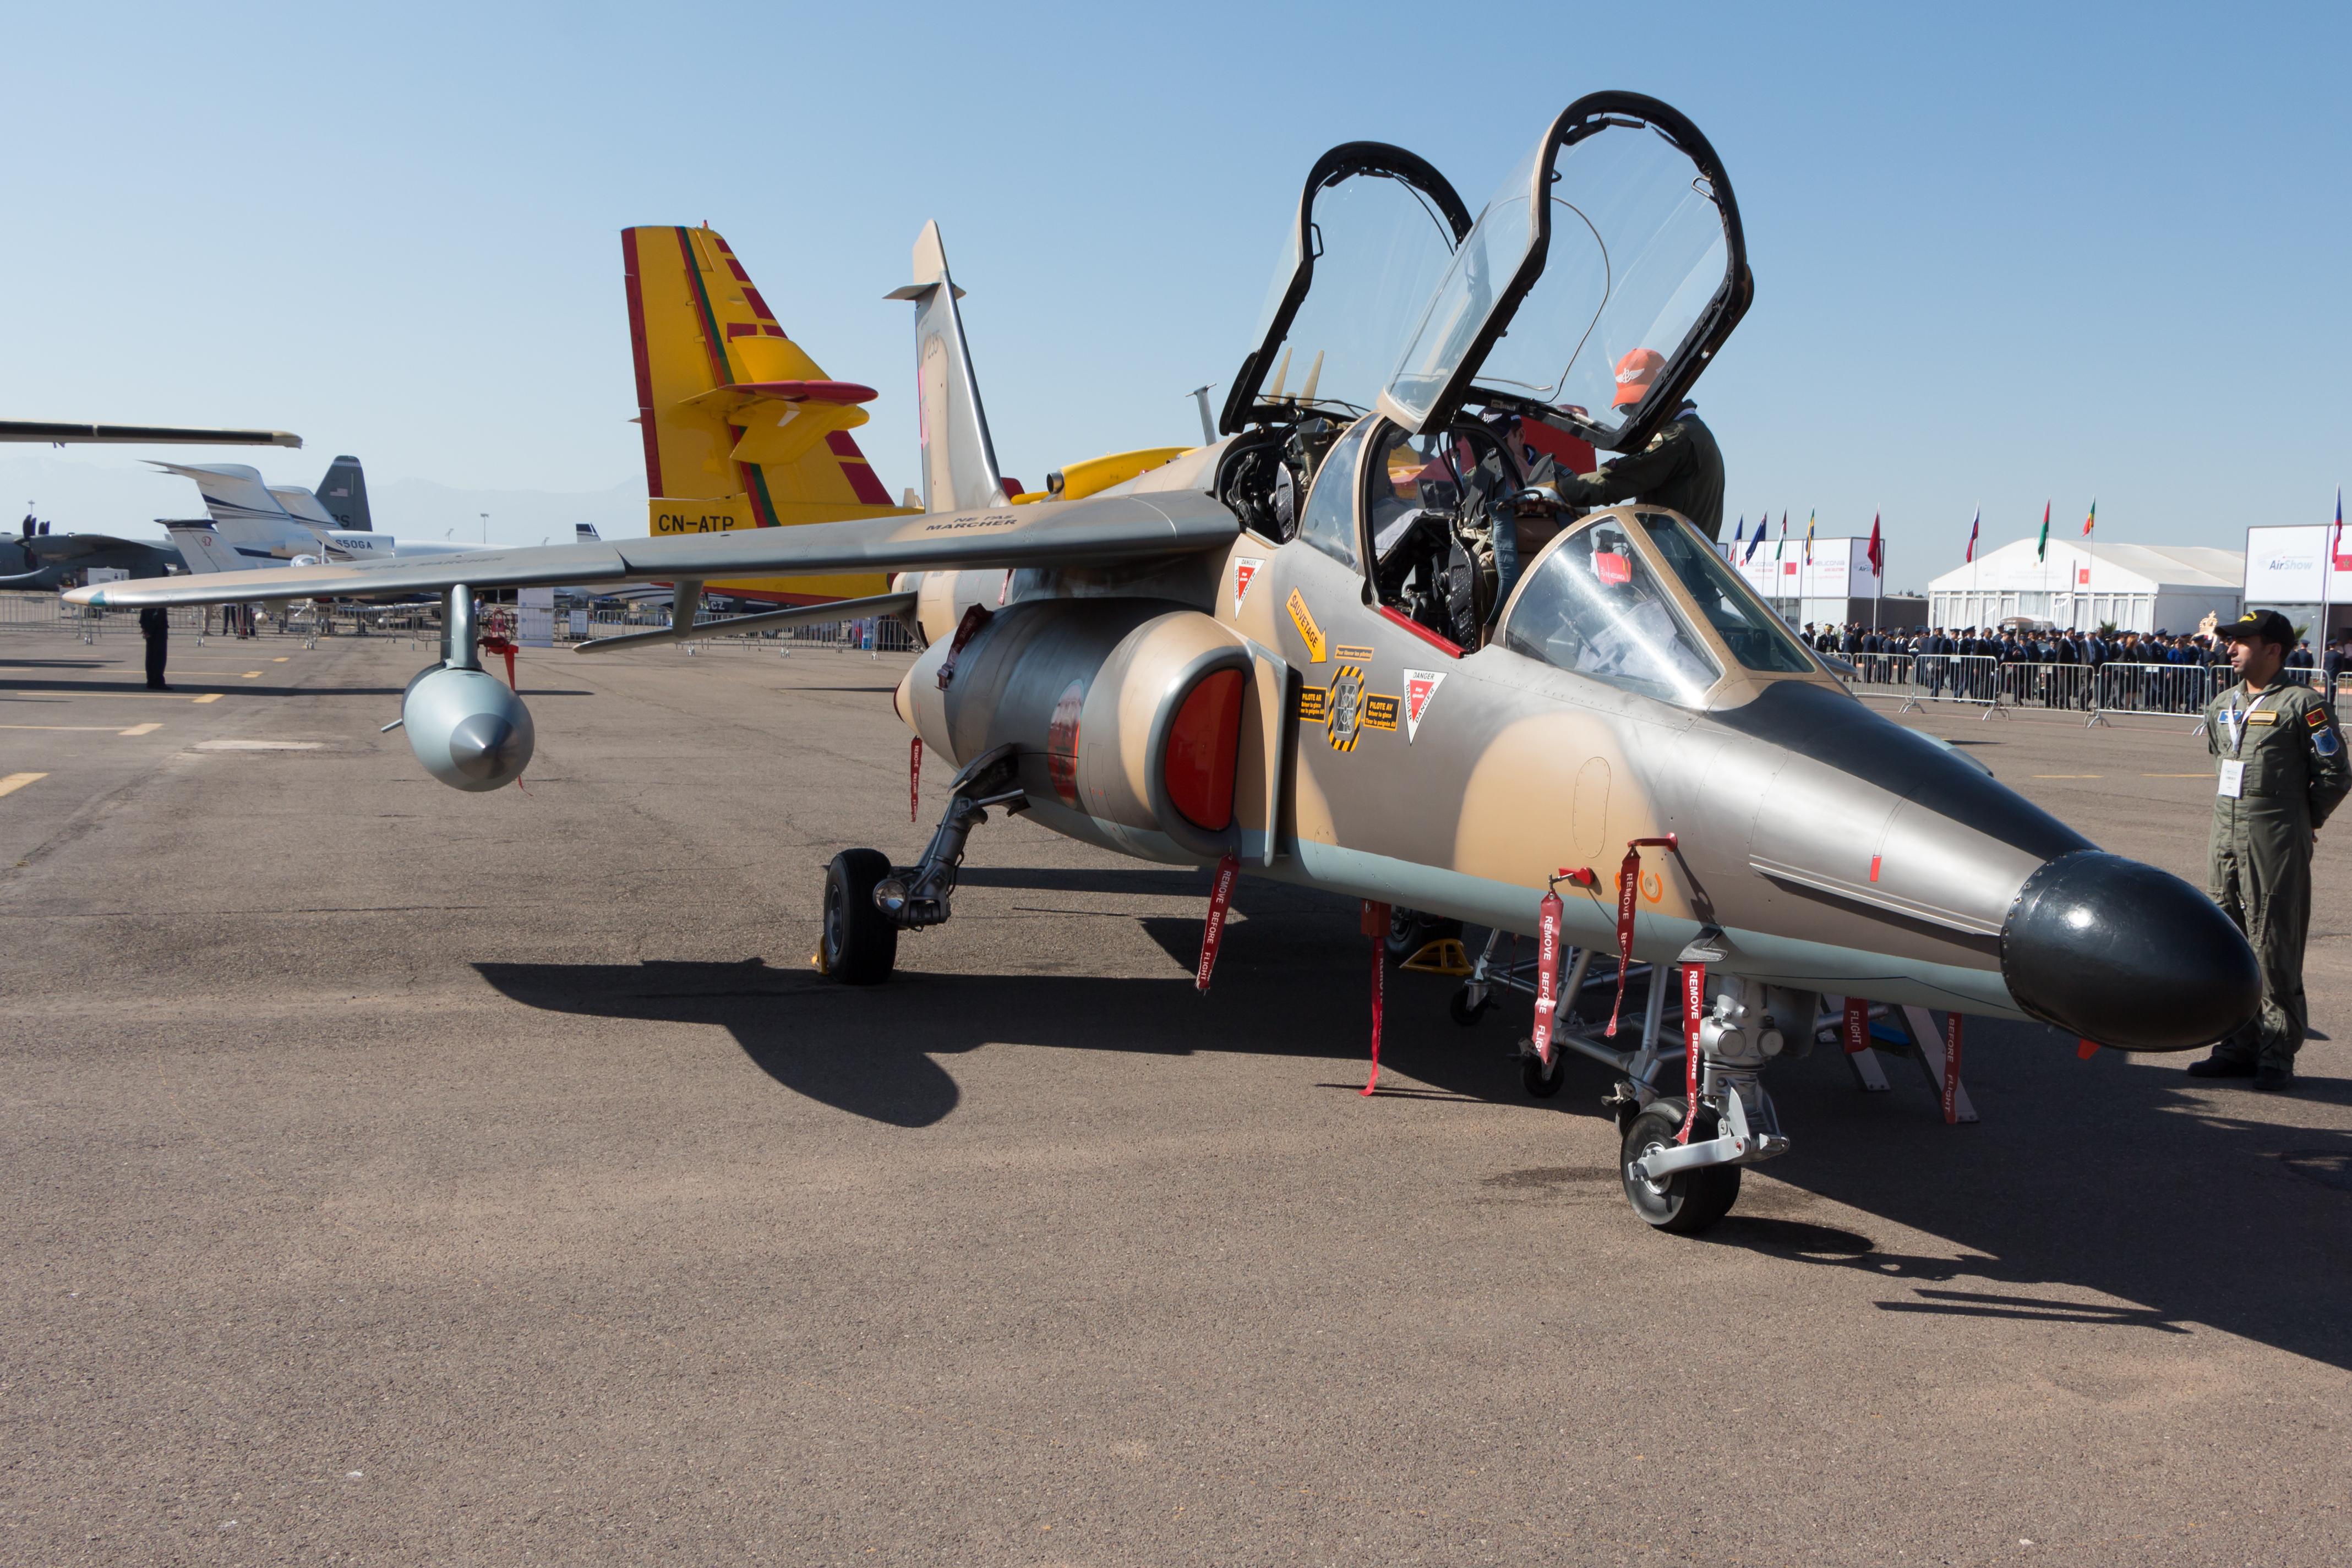 FRA: Photos avions d'entrainement et anti insurrection - Page 9 27383505385_186a509e0f_o